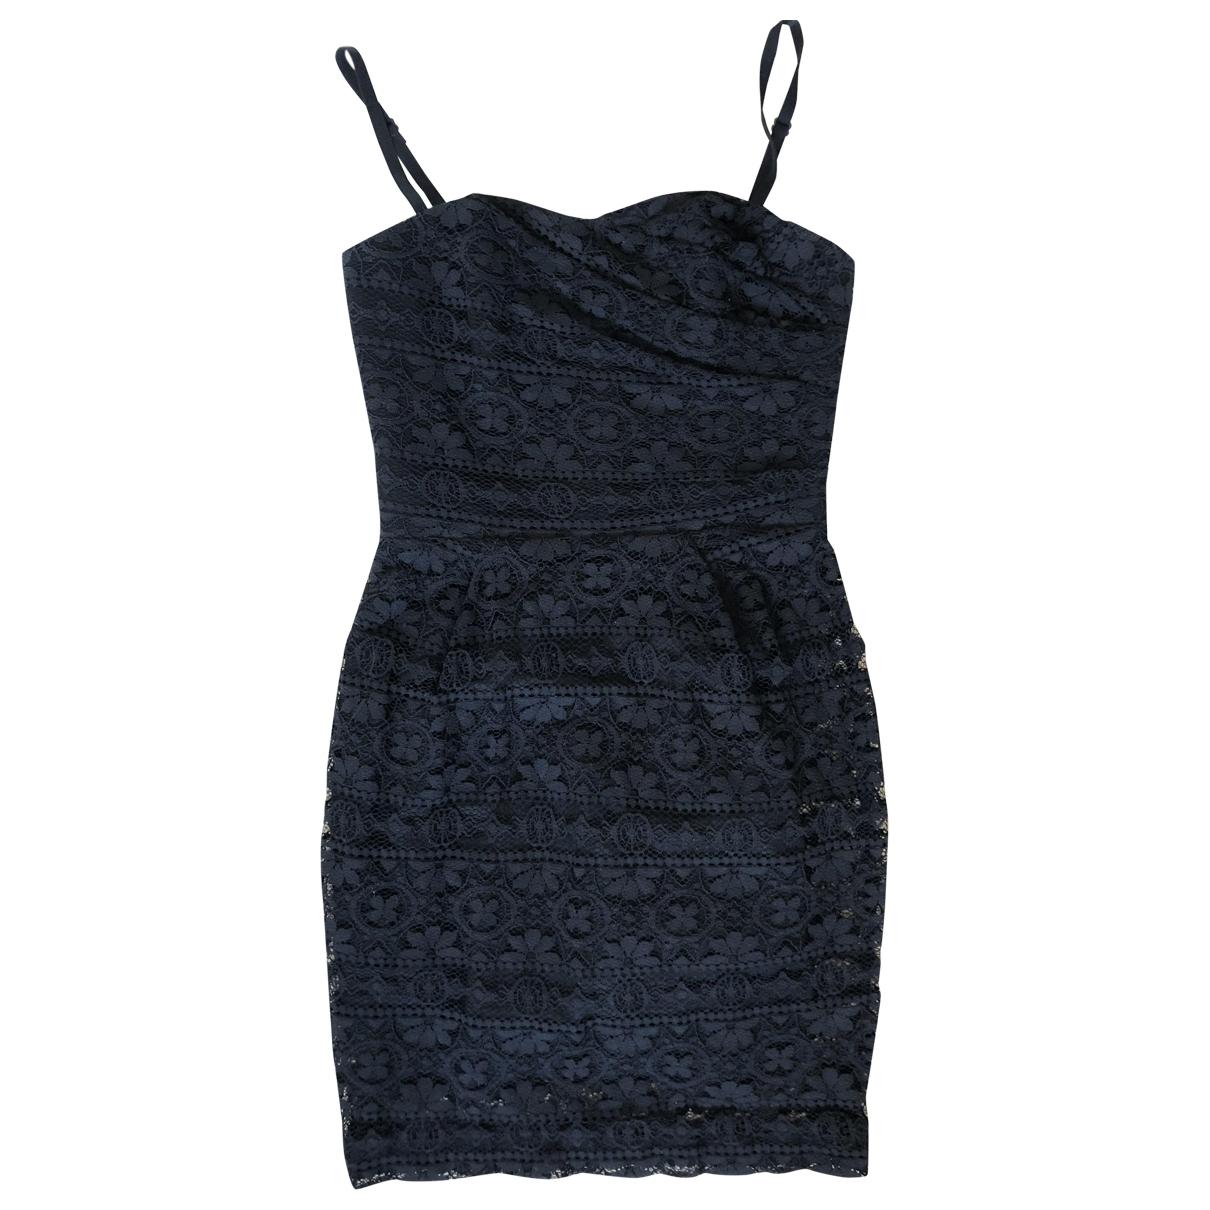 Sandro \N Black Lace dress for Women 36 FR